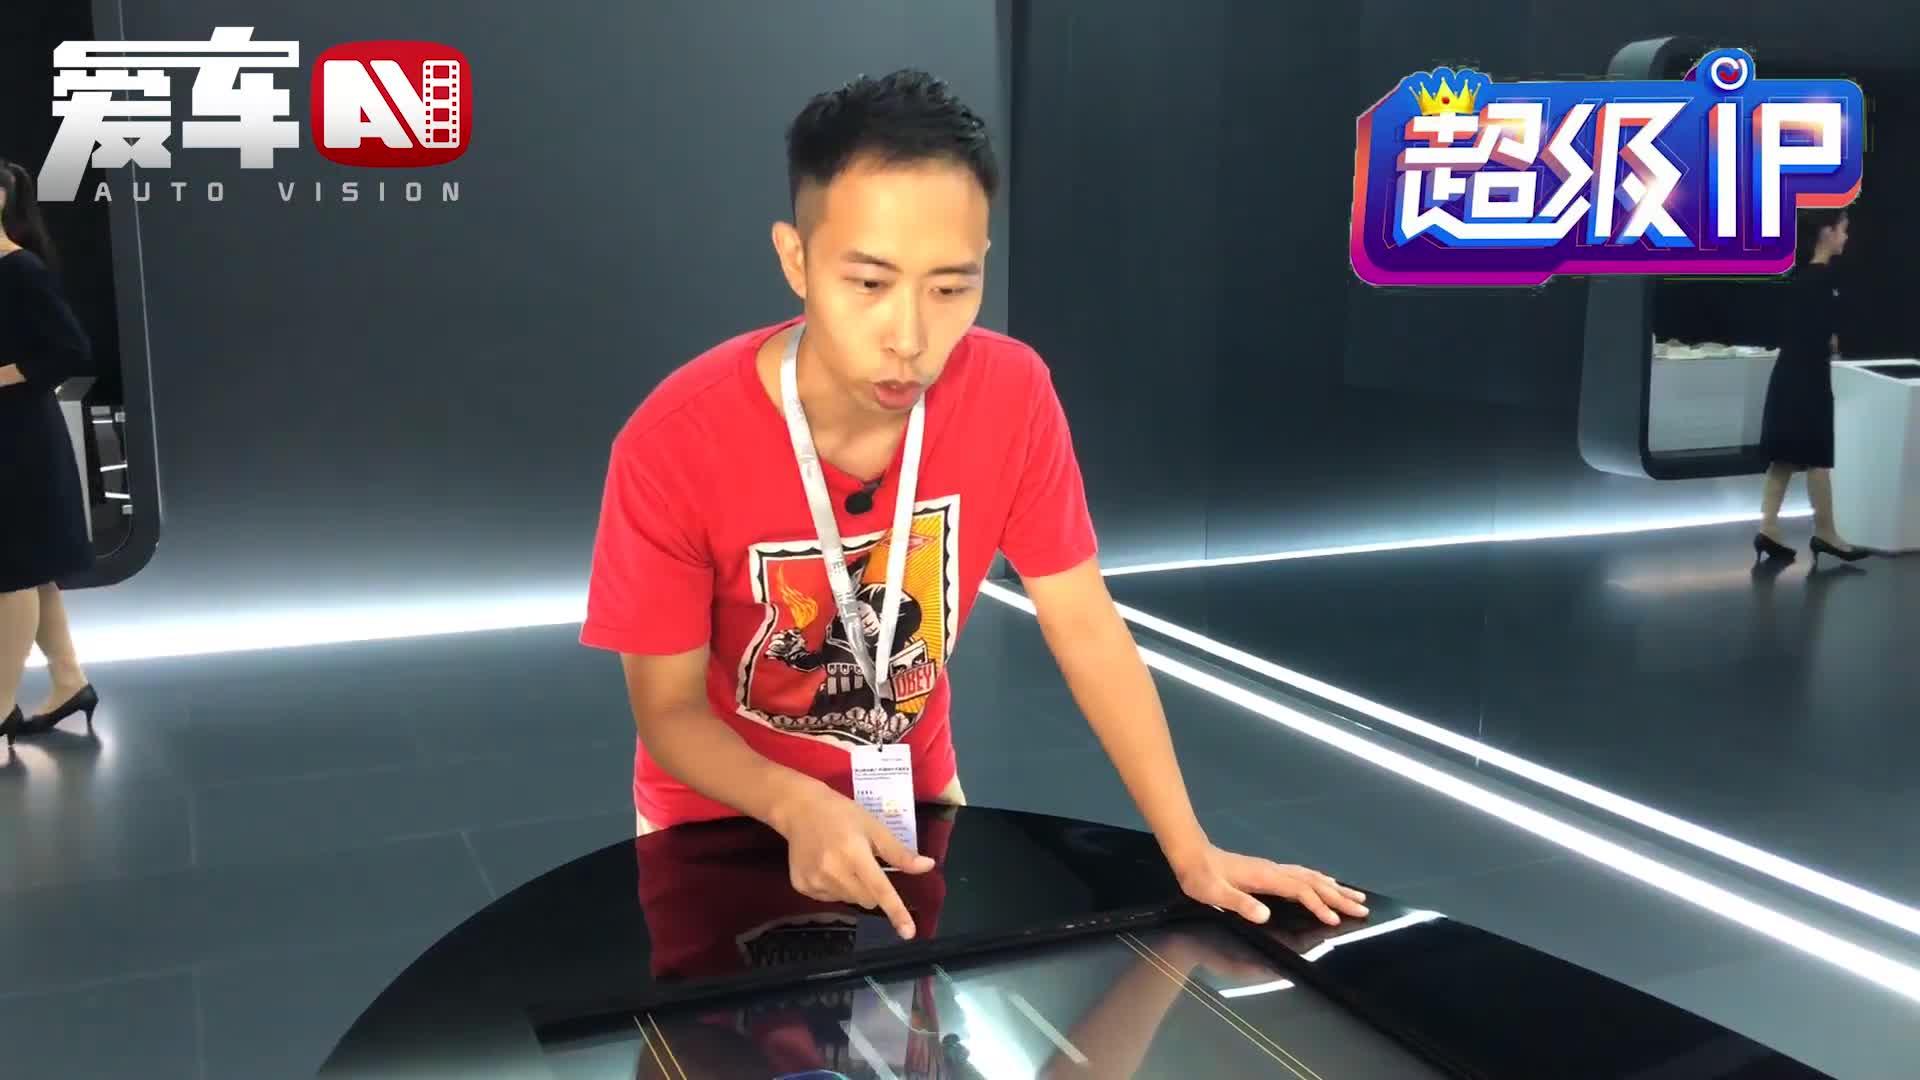 来广州车展,一定要玩5.2馆的别克互动游戏